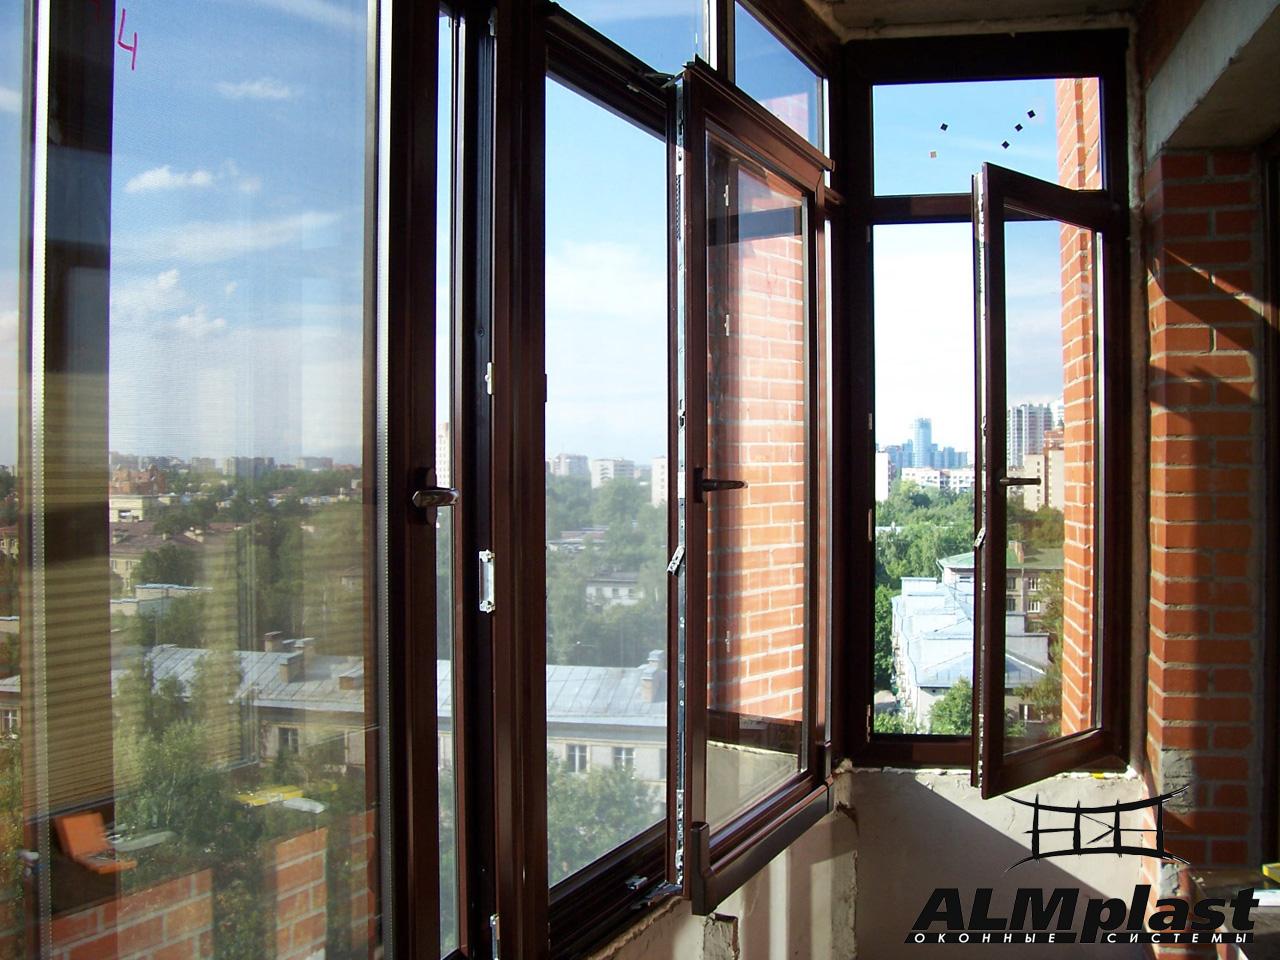 металлопластиковые окна almplast